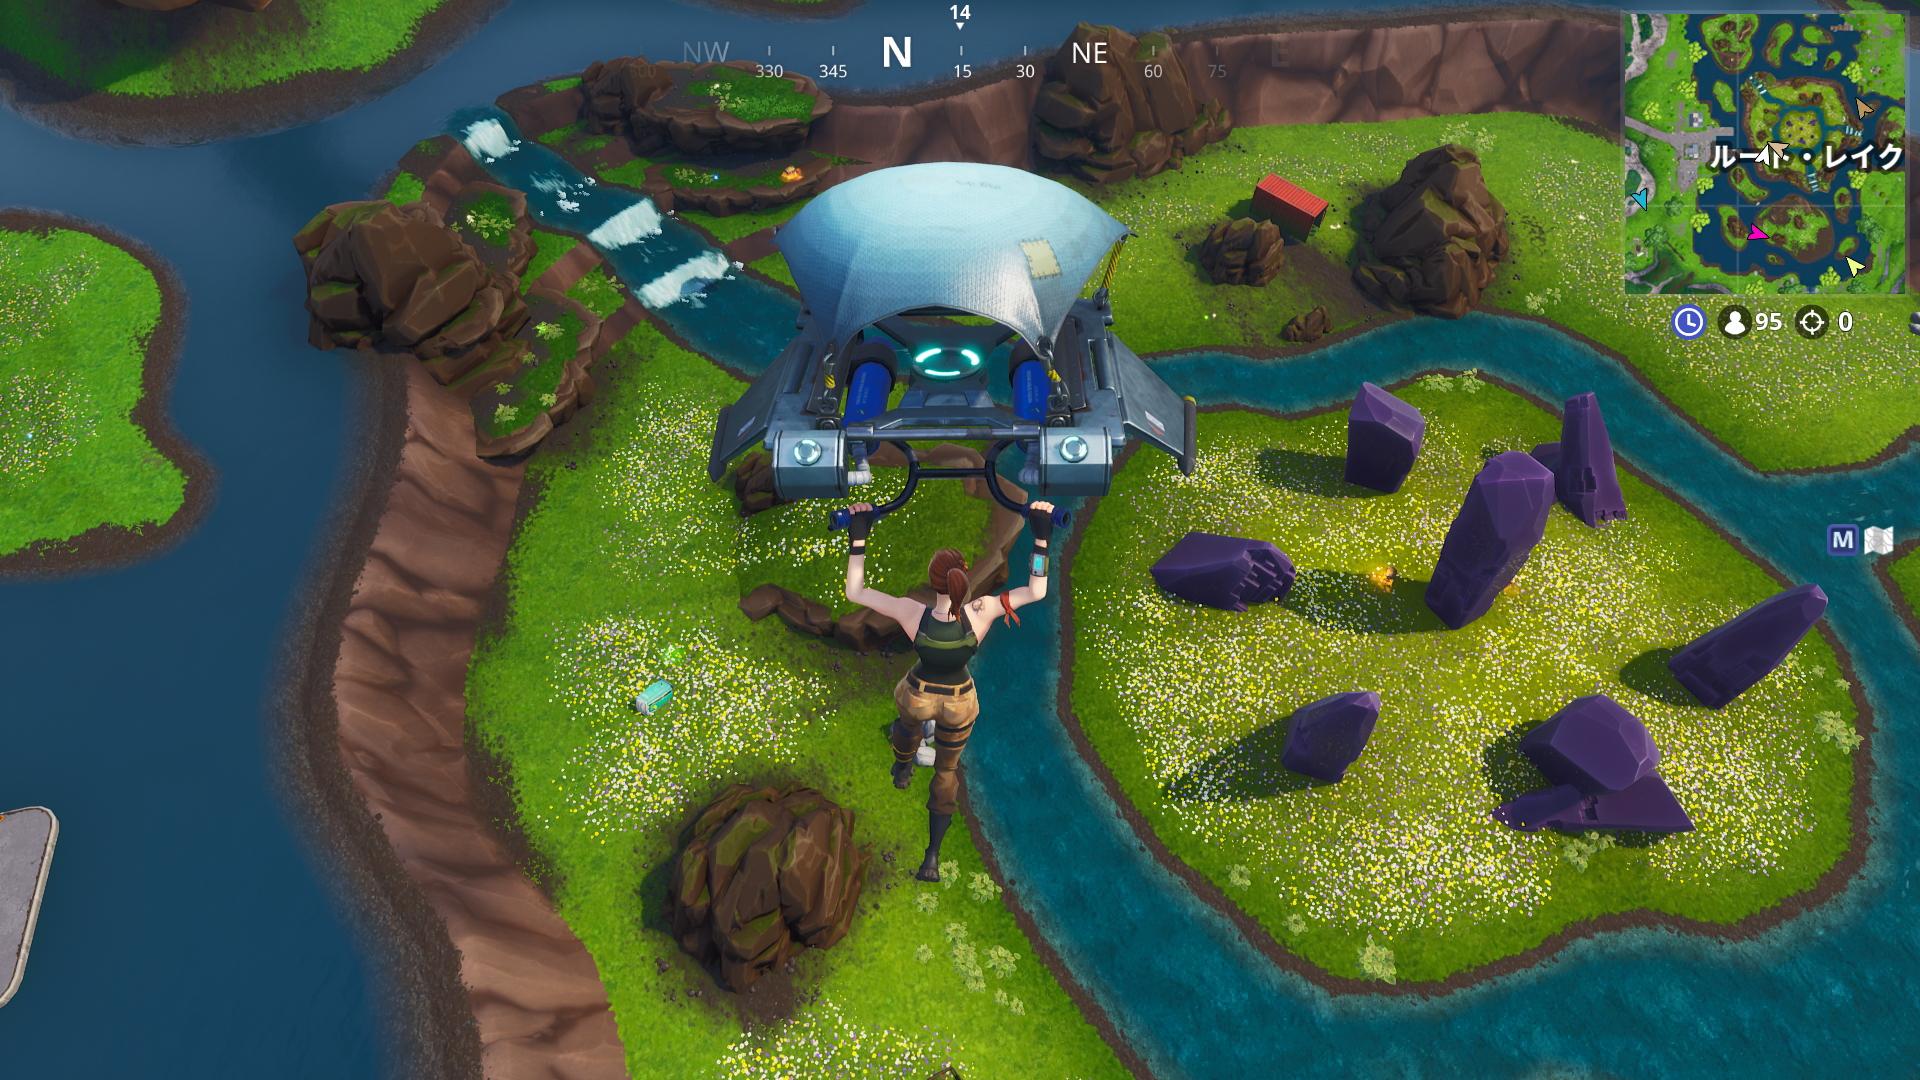 人気のバトルロイヤルゲーム「フォートナイト」でGeForce GTX 1660の性能をチェック。